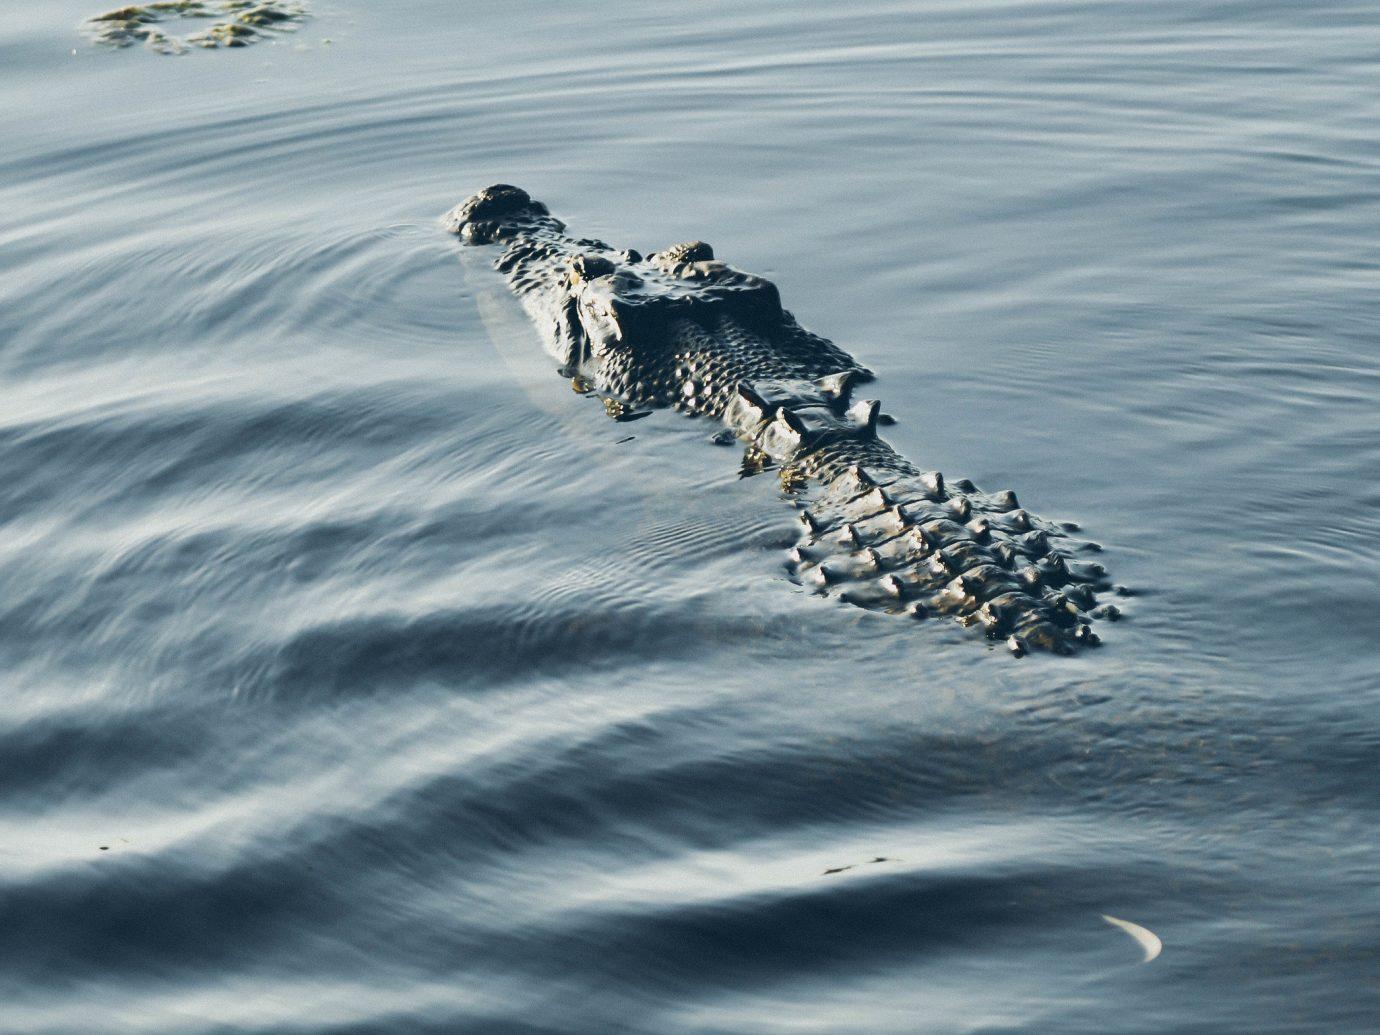 Trip Ideas water animal outdoor reptile Sea crocodilian reptile Ocean Coast wave